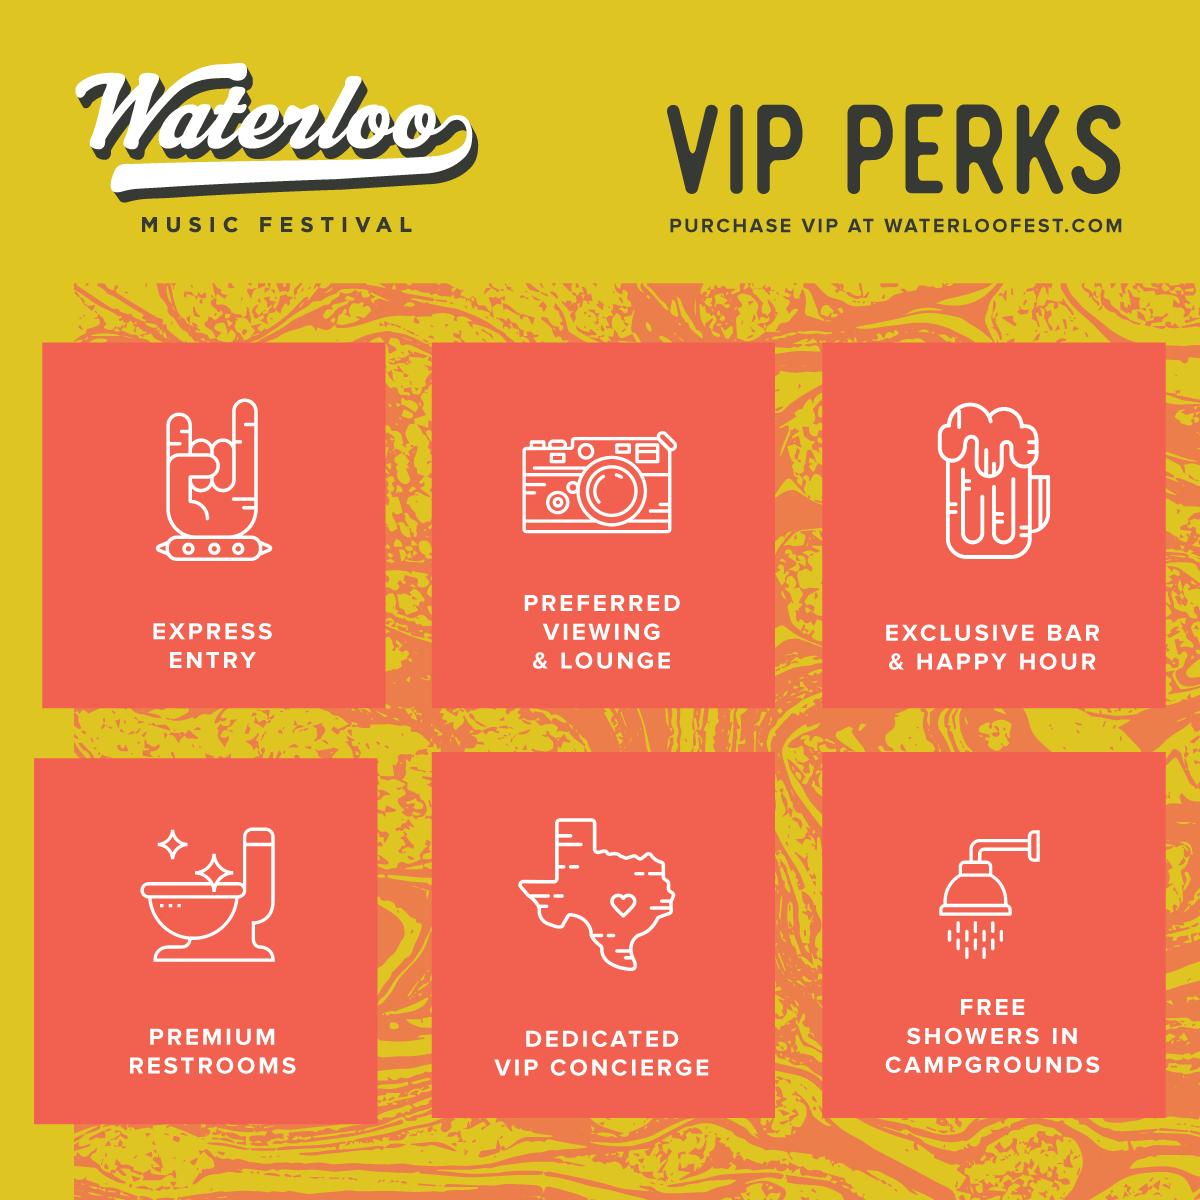 waterloo-perks.png